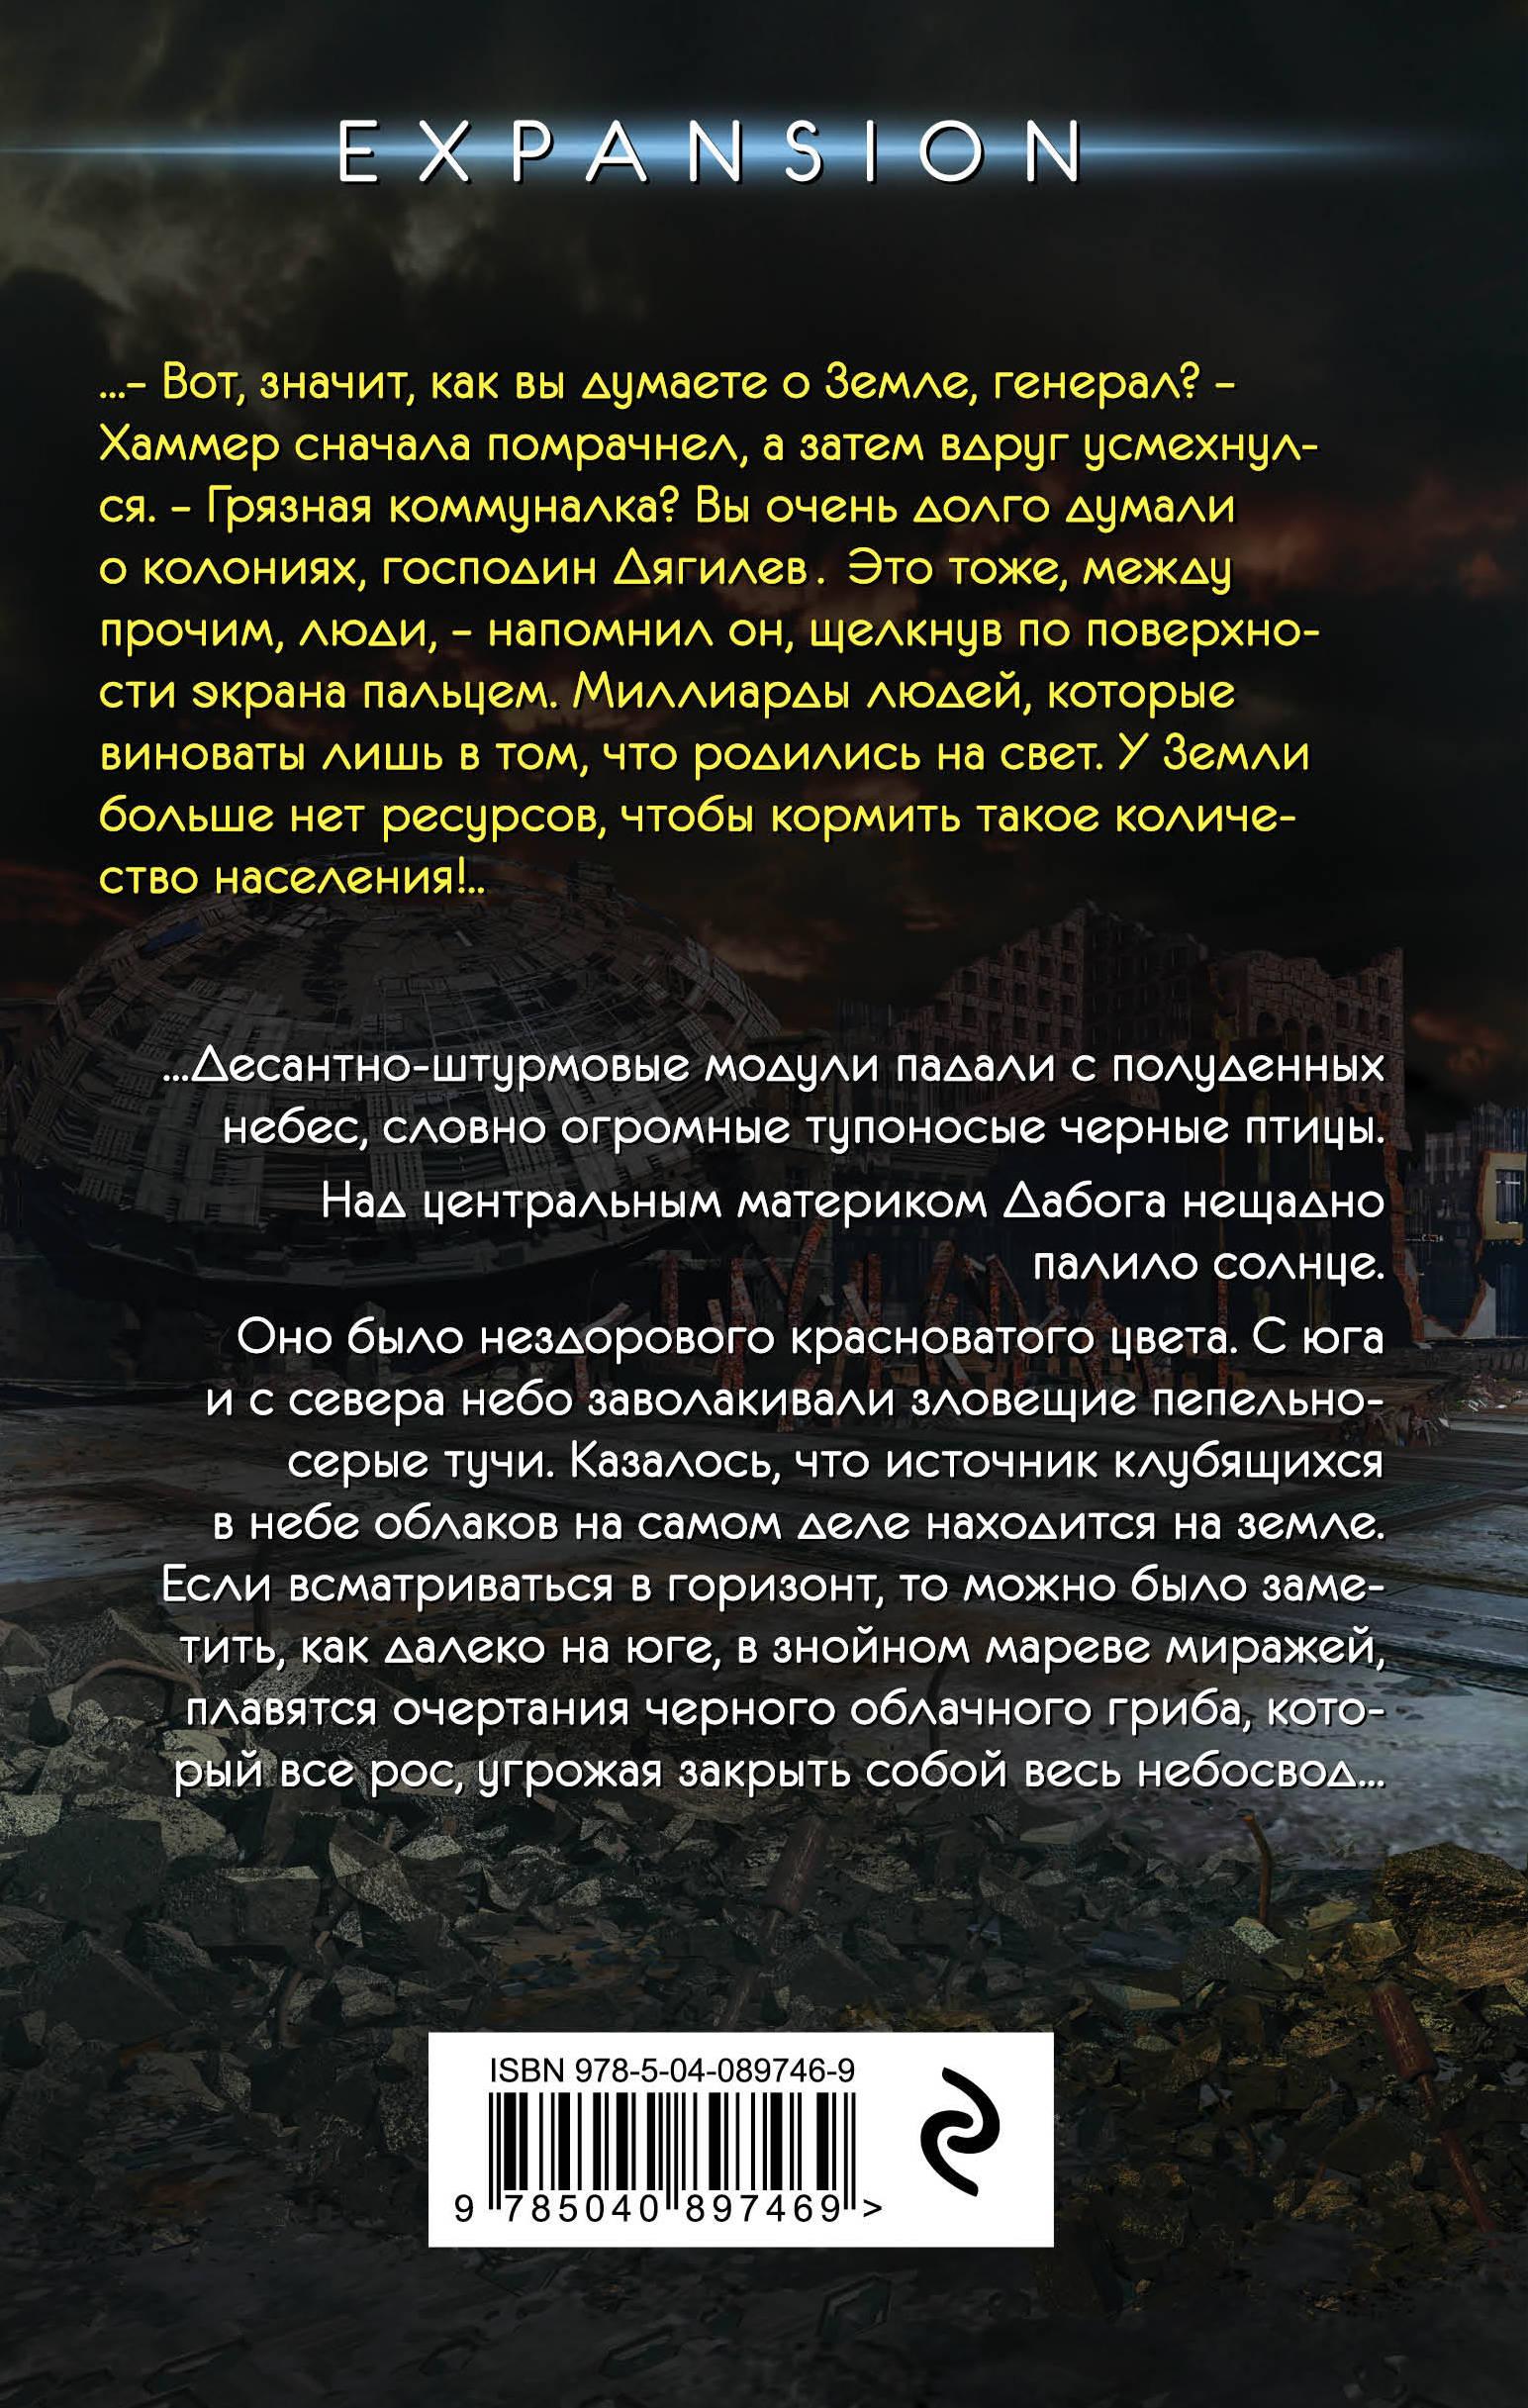 Дабог. Андрей Ливадный